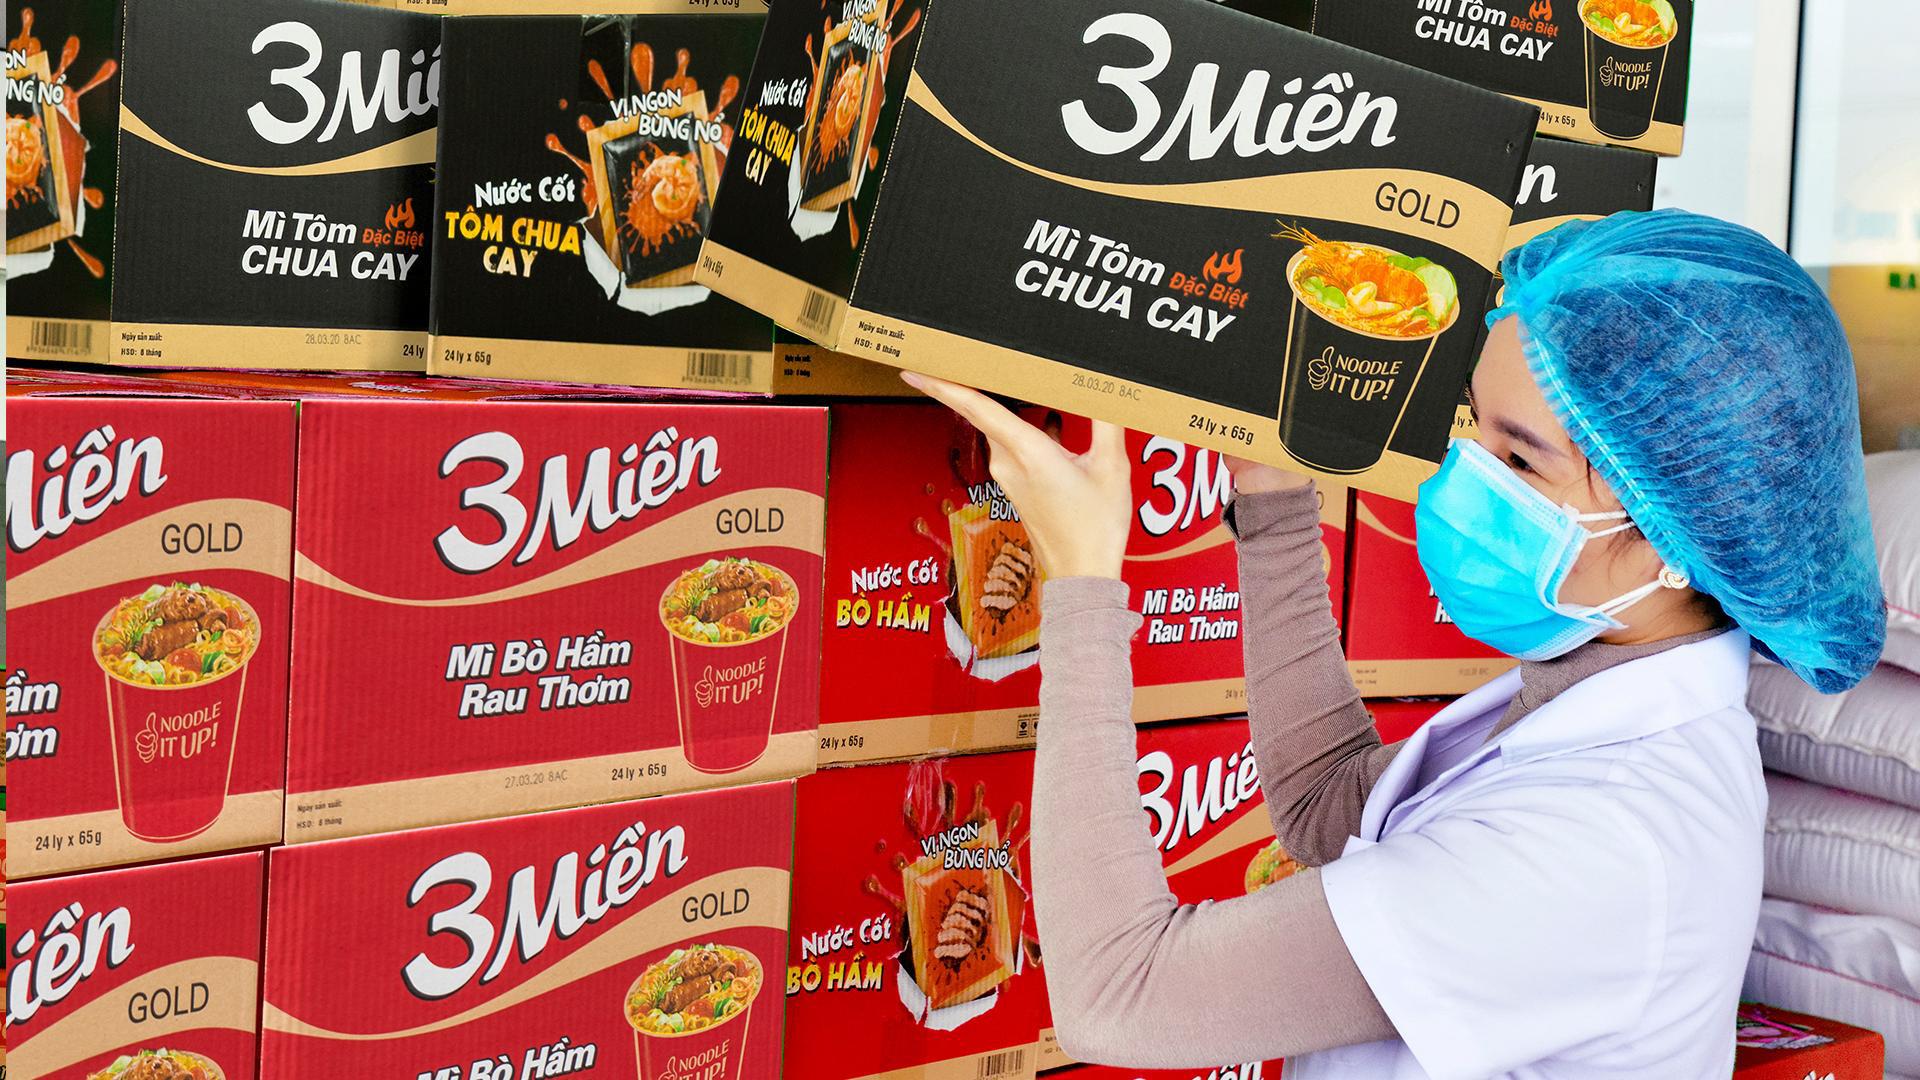 Uniben trao tặng 150.000 bữa ăn dinh dưỡng từ Mì 3 Miền và Nước trái cây Joco cho đội ngũ y bác sĩ các bệnh viện tuyến đầu - Ảnh 3.